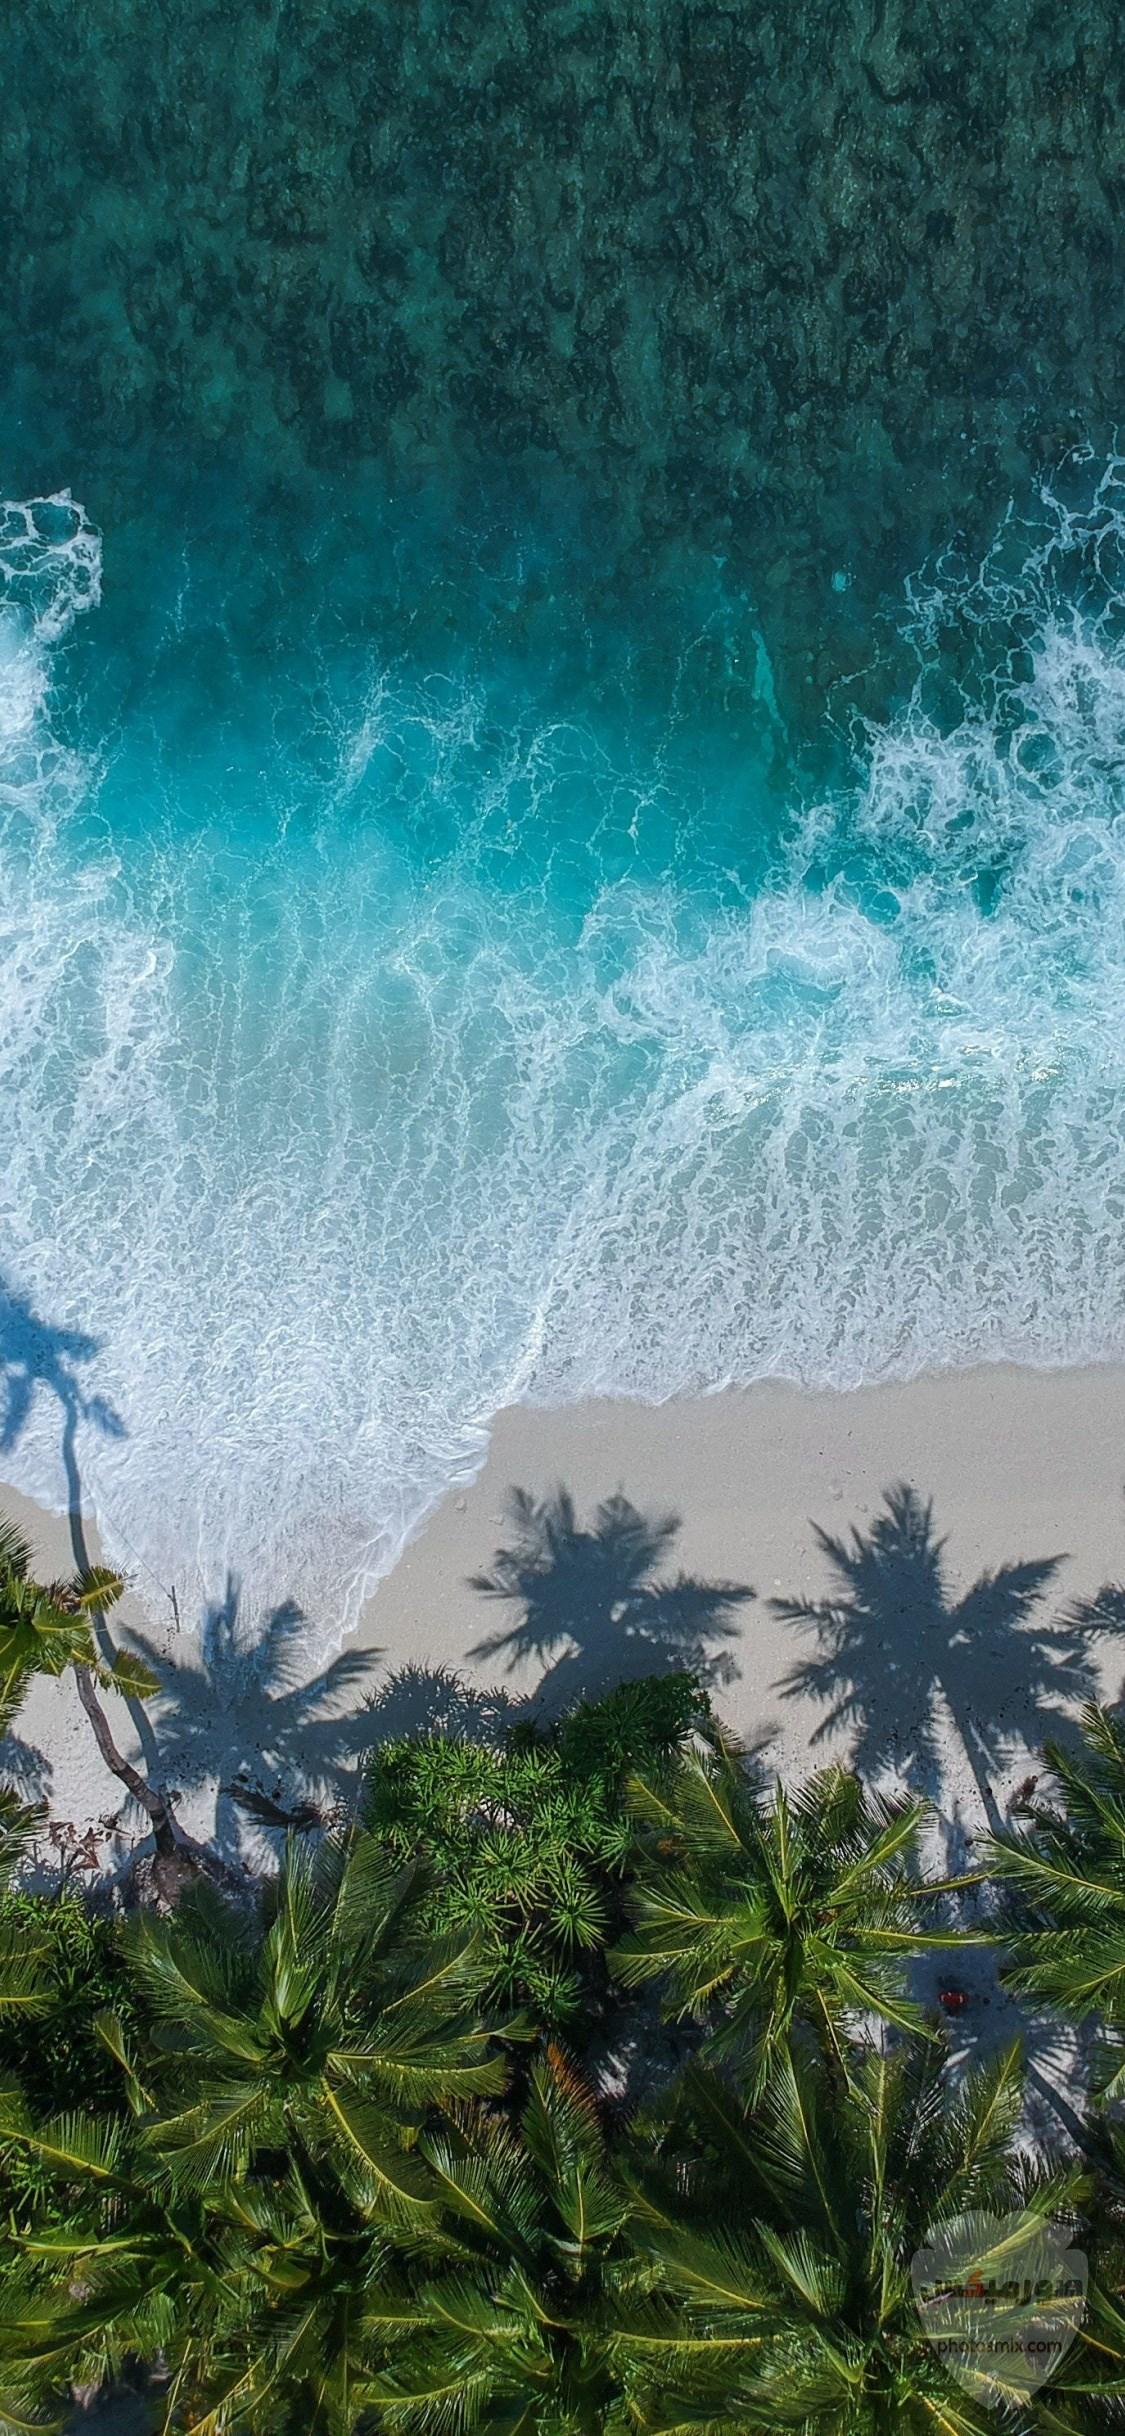 صور بحر وشاطئ صور وخلفيات بحور وشواطئ جميلة اجمل خلفيات بحار جودة عالية 11